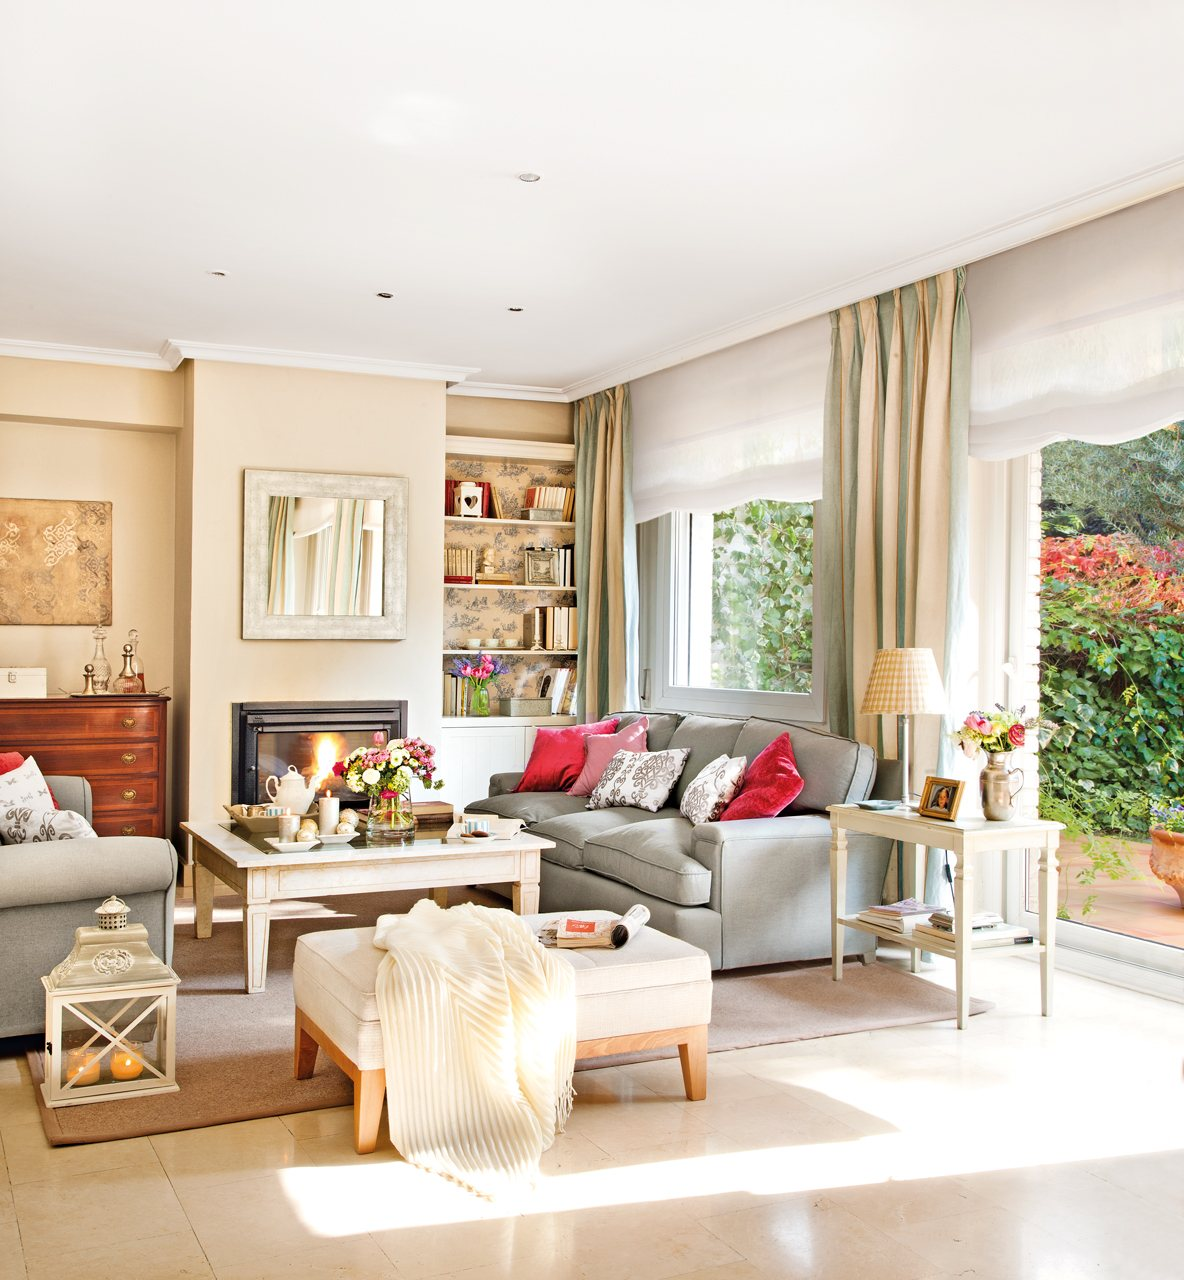 Monpetitnicolas salones cl sicos y bien decorados - Muebles para el salon ...